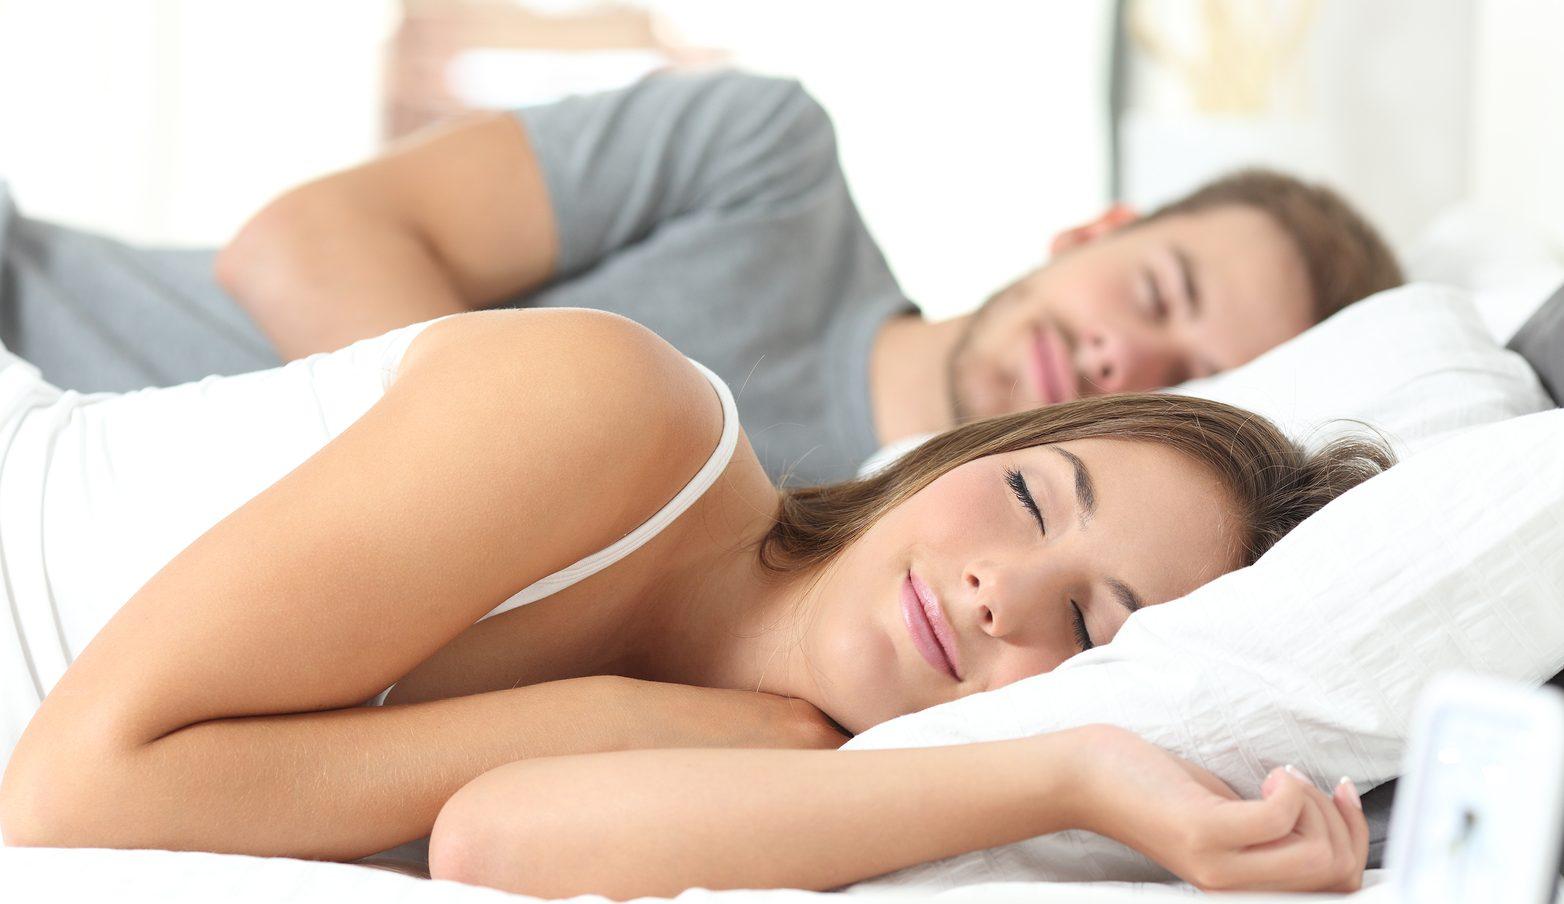 Adiós al insomnio: esta app promete ayudarte a conciliar el sueño rápidamente